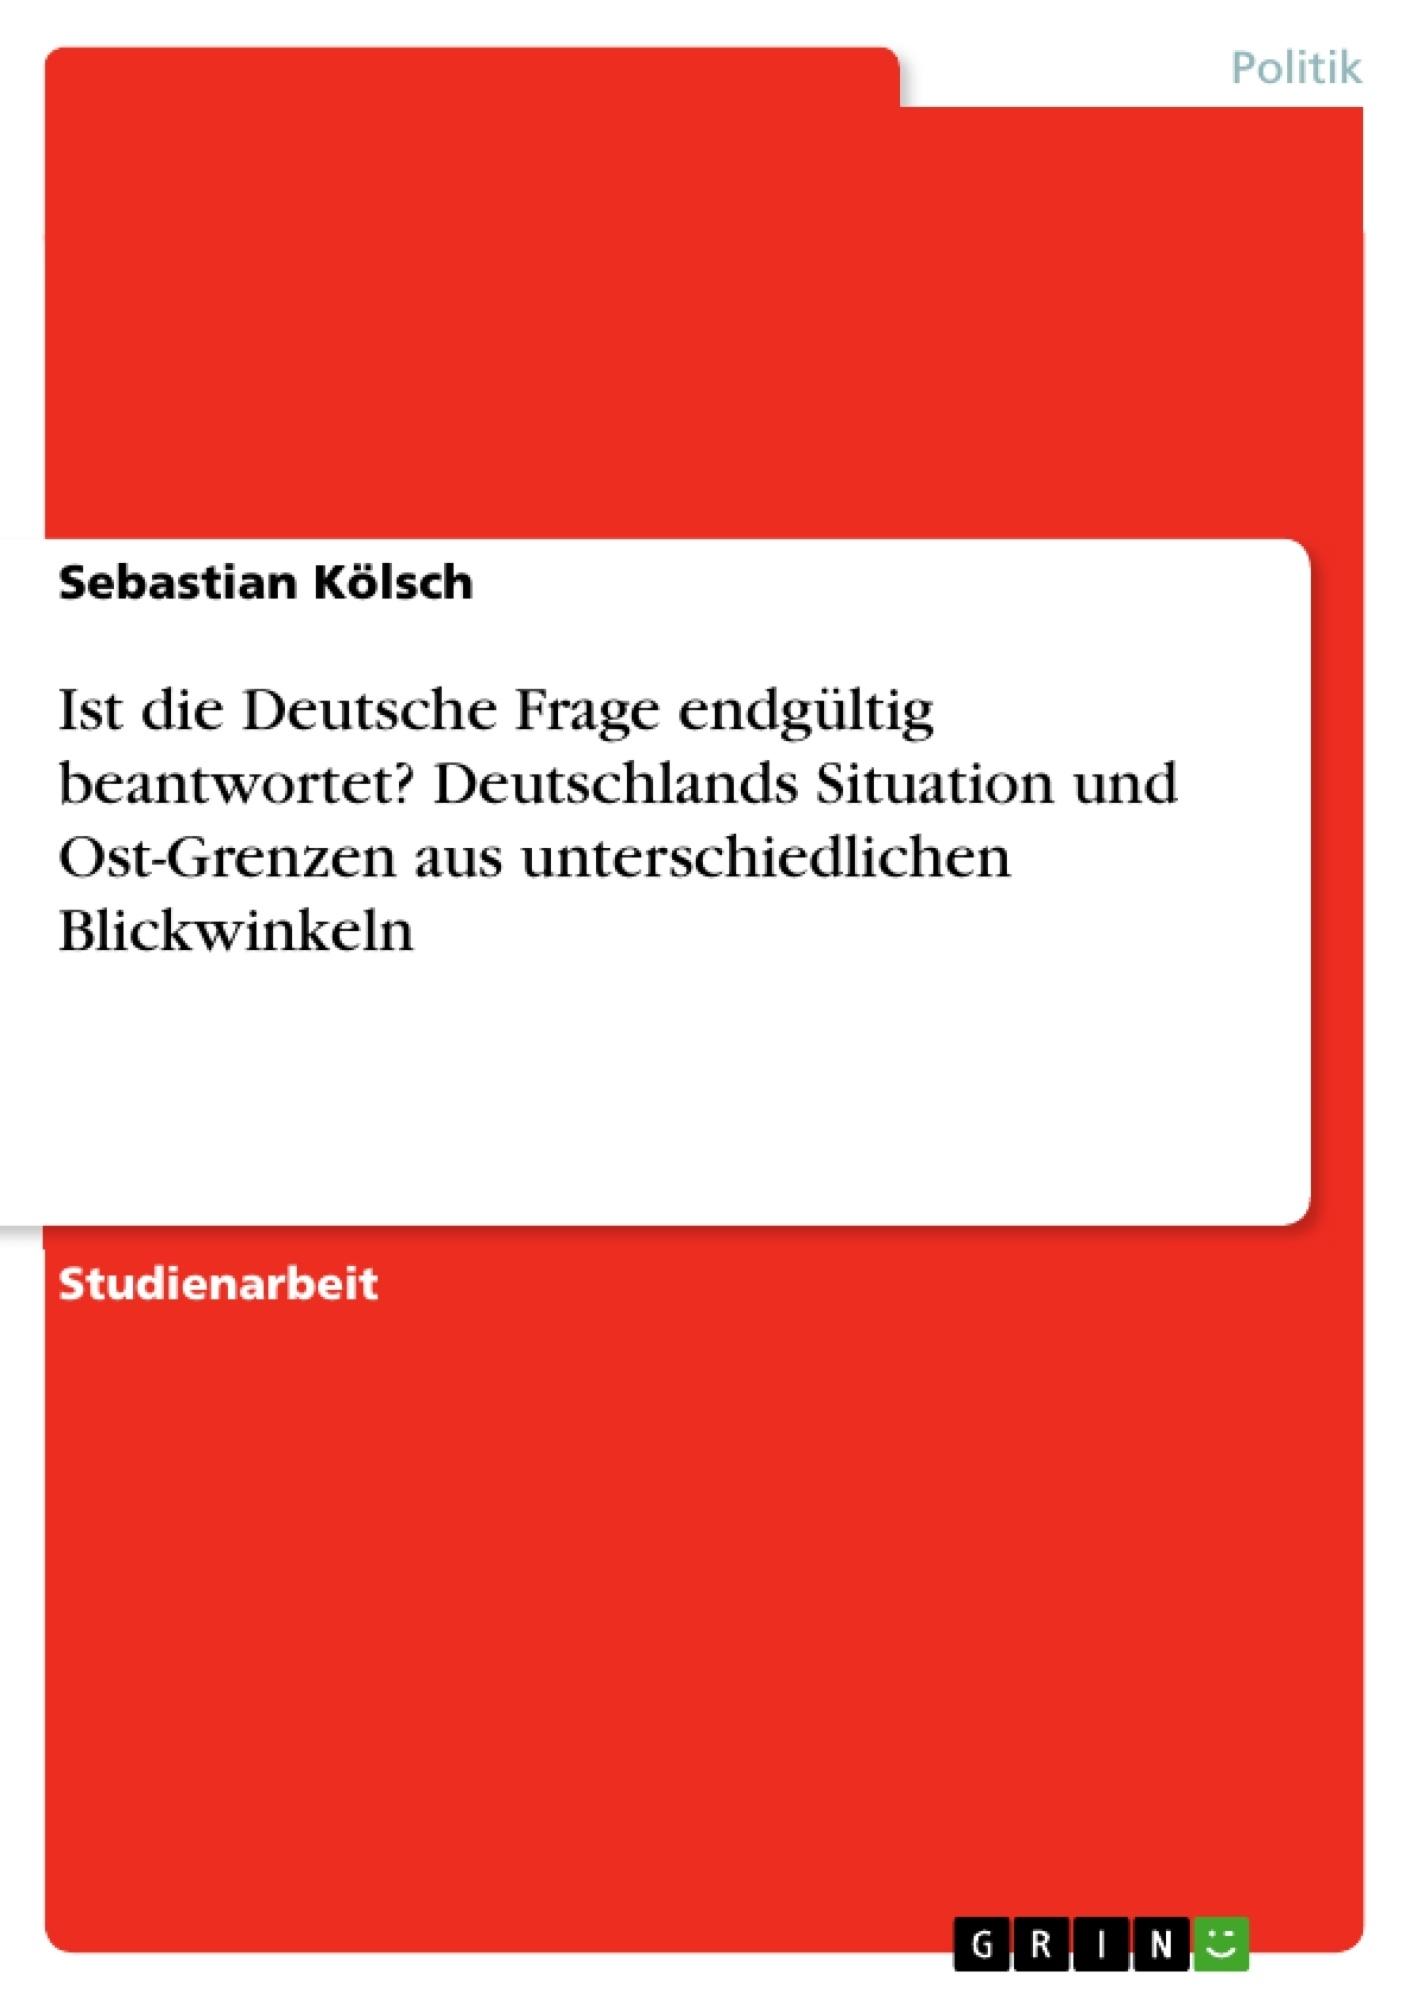 Titel: Ist die Deutsche Frage endgültig beantwortet? Deutschlands Situation und Ost-Grenzen aus unterschiedlichen Blickwinkeln